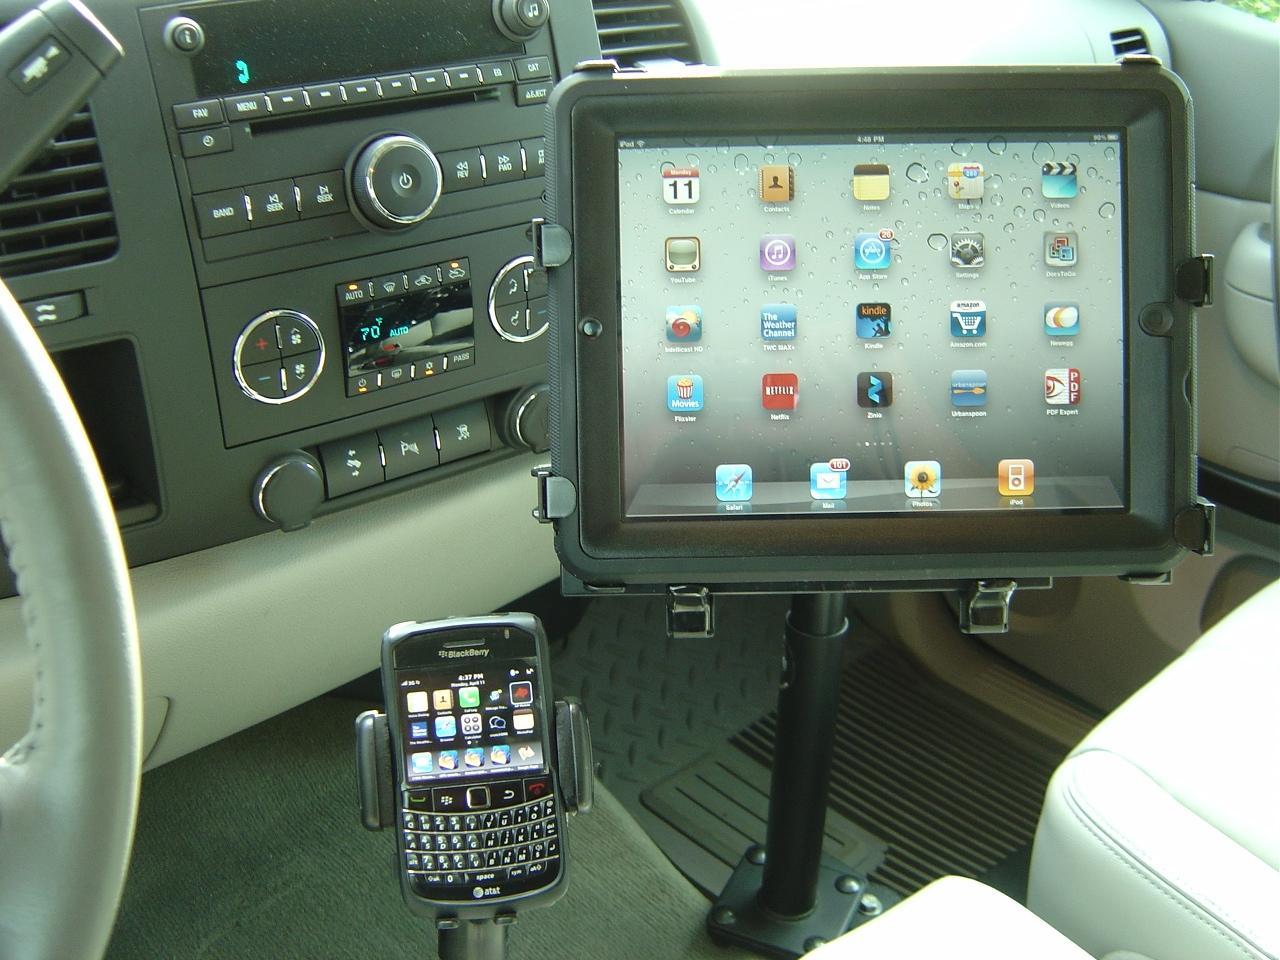 Ipad Mount In 2011 Gmc Sierra Gallery Article